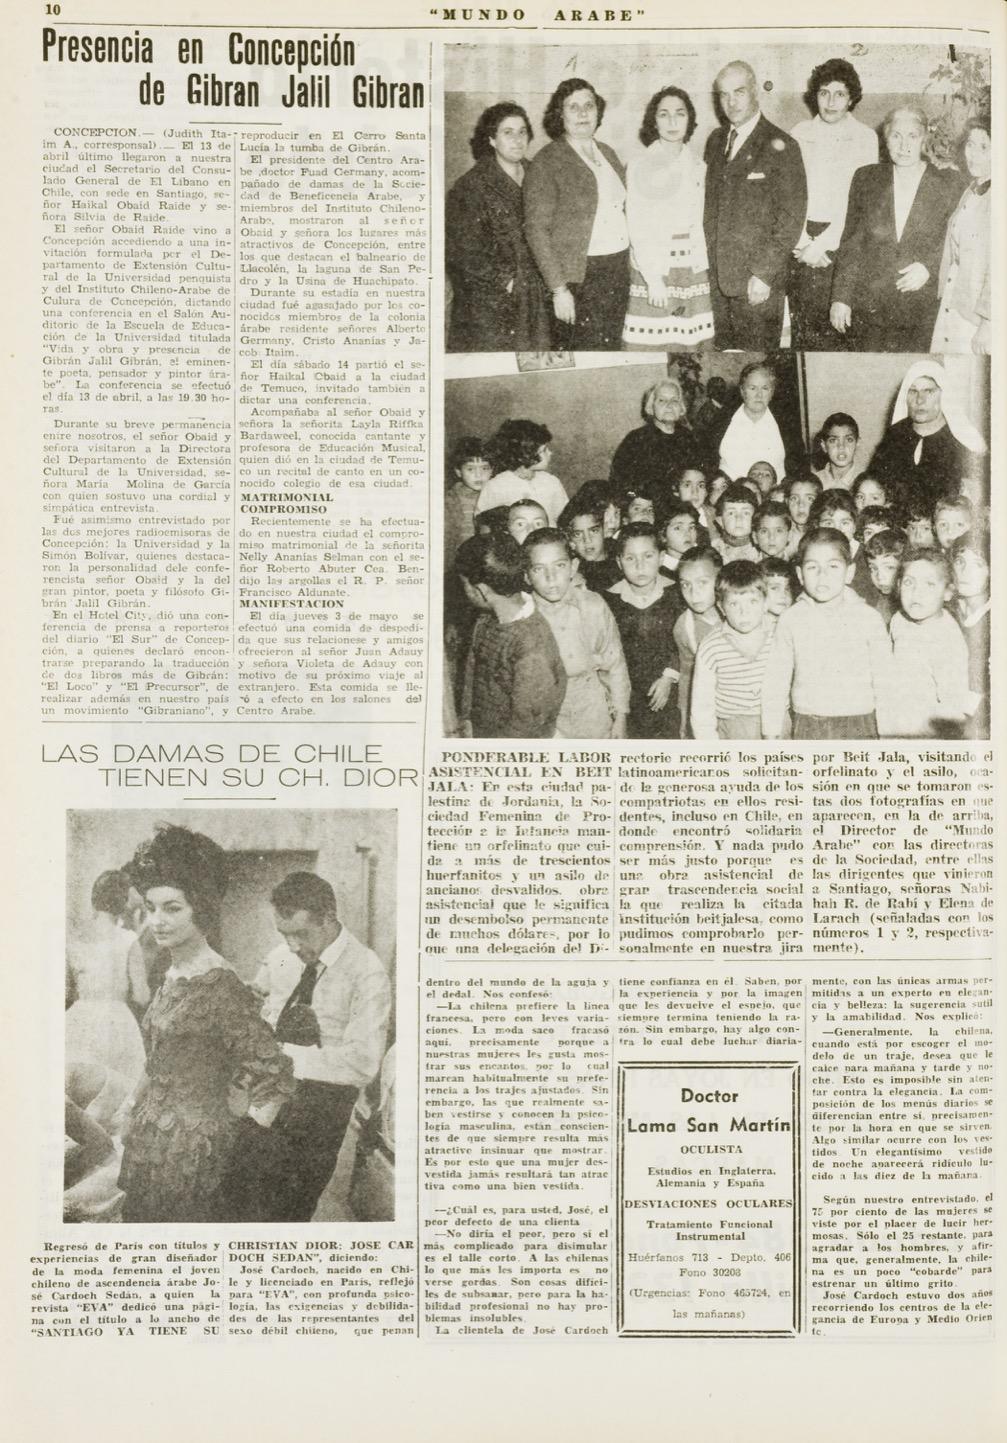 """Judith Itaim, """"Presencia en Concepción de Gibran Jalil Gibran"""", Mundo Árabe, May 15, 1962, p. 10."""